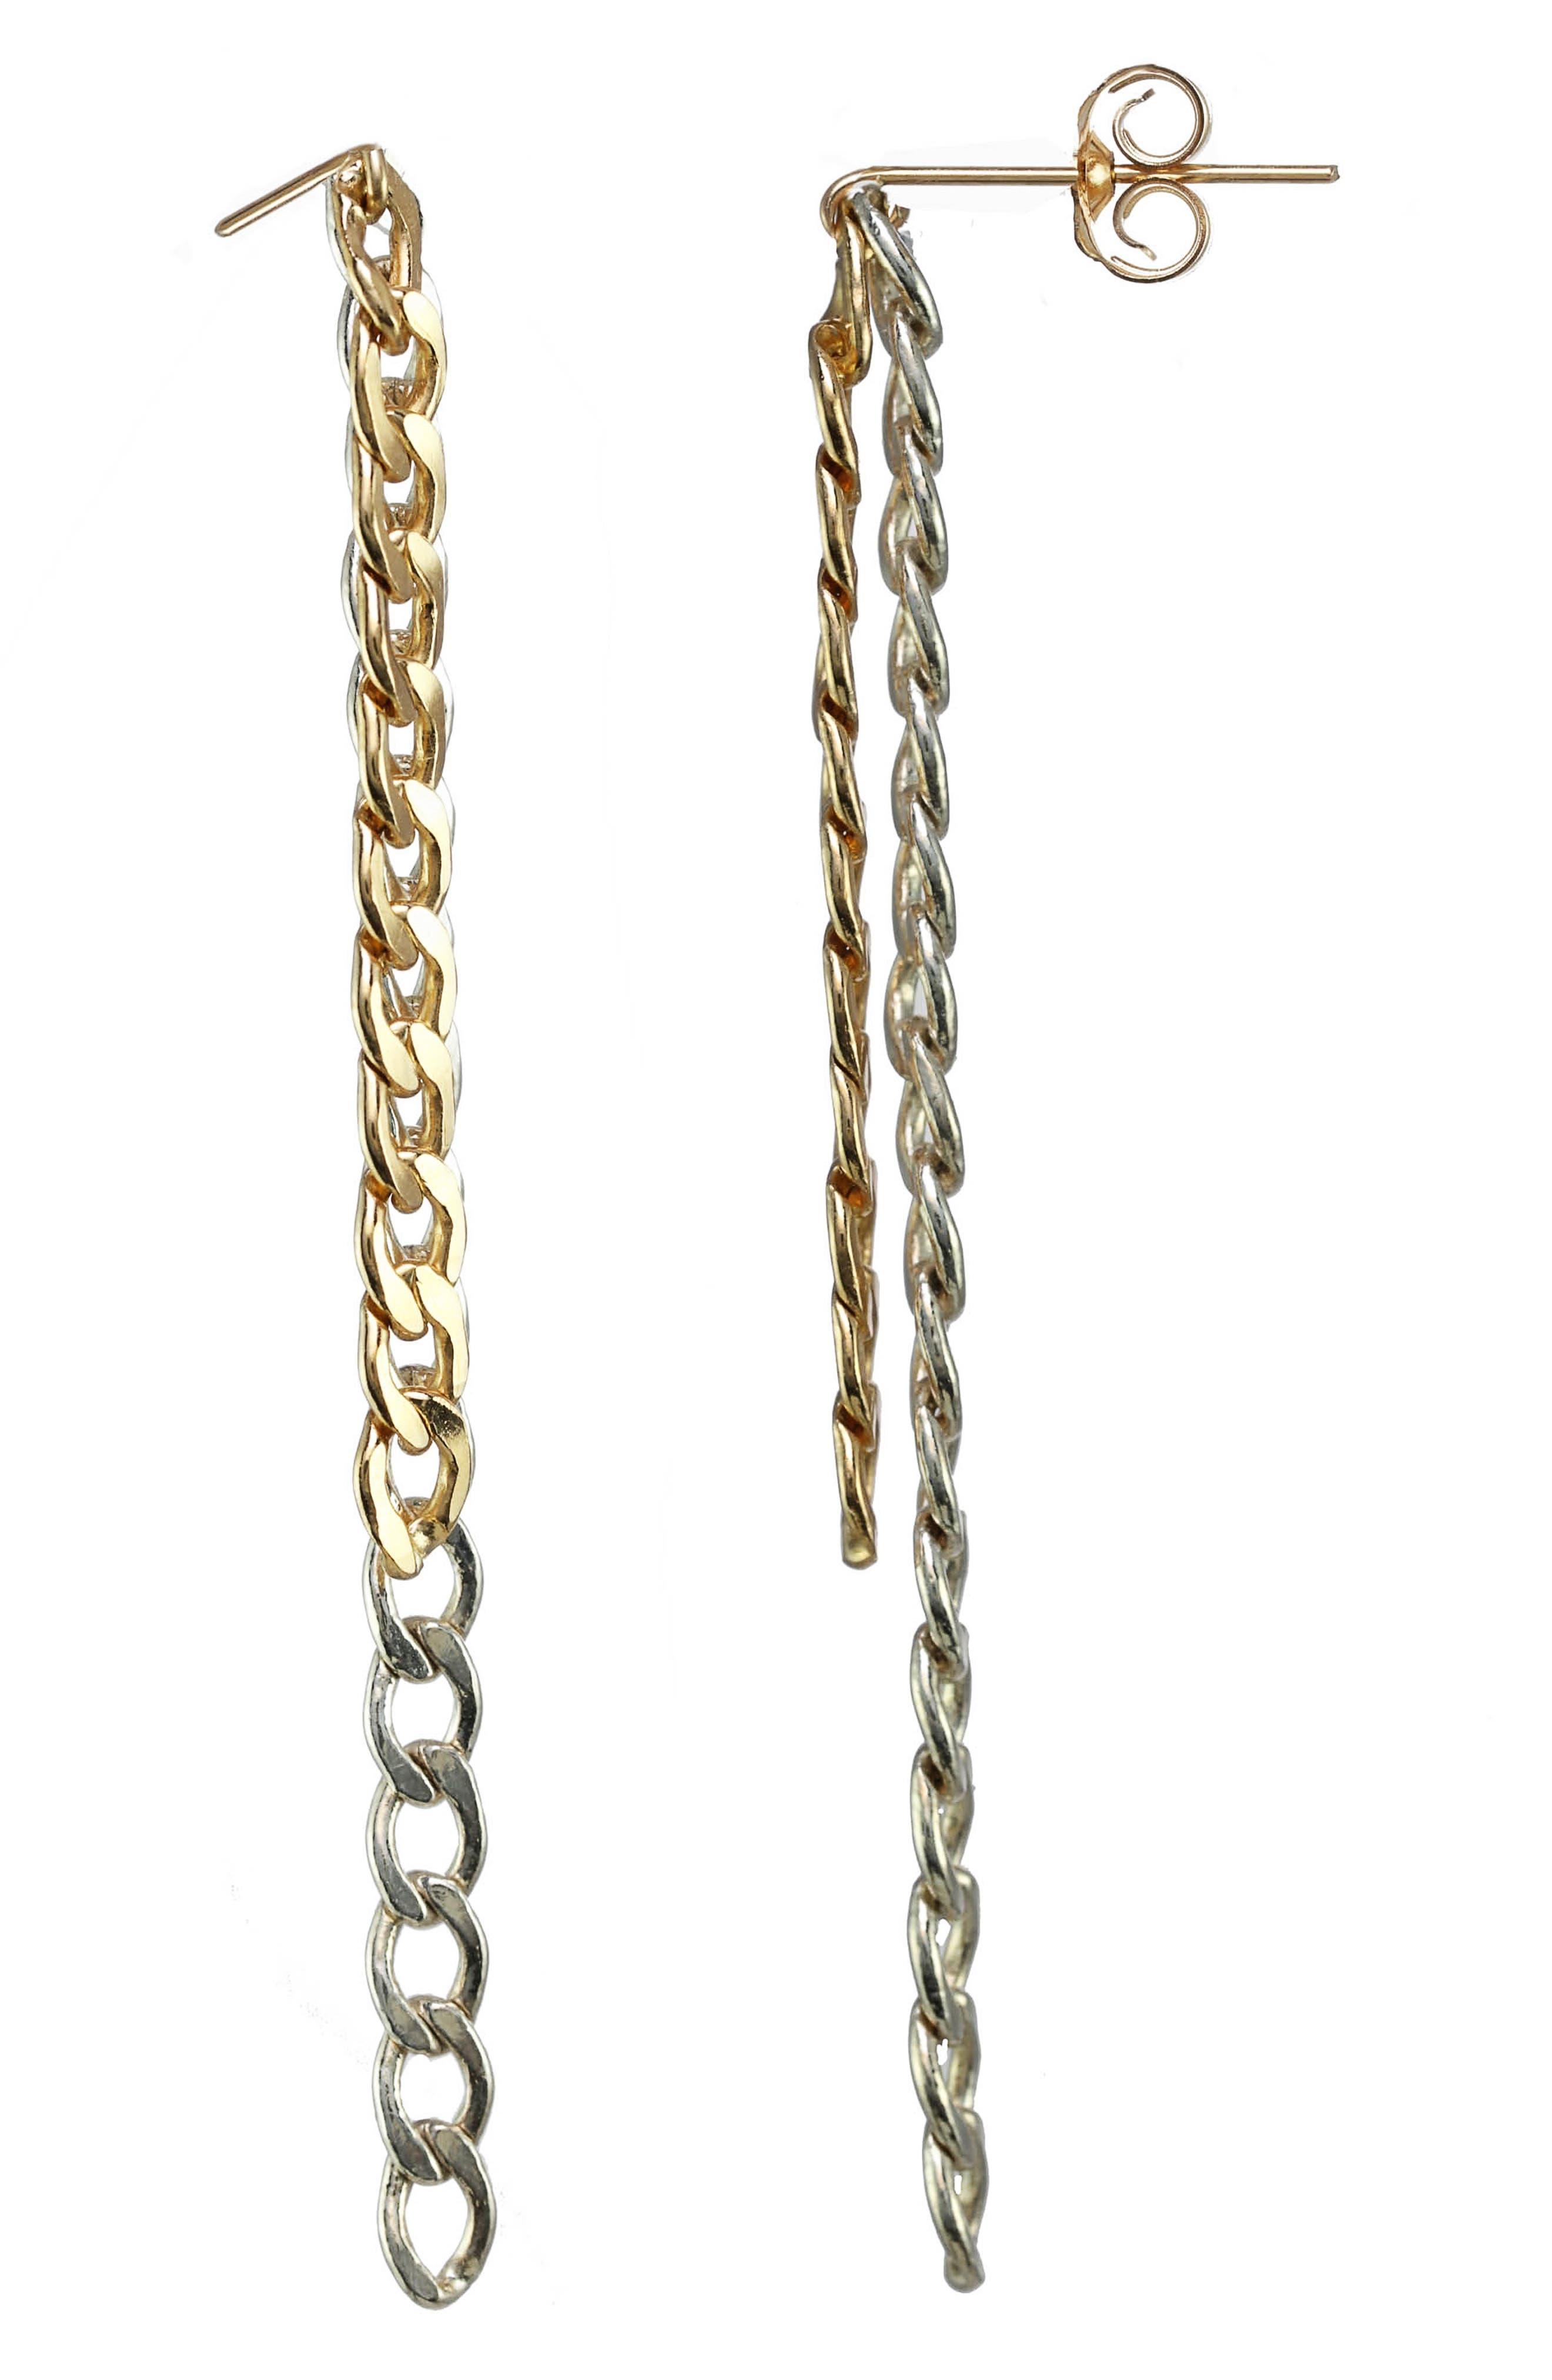 Cadenetta Drop Earrings